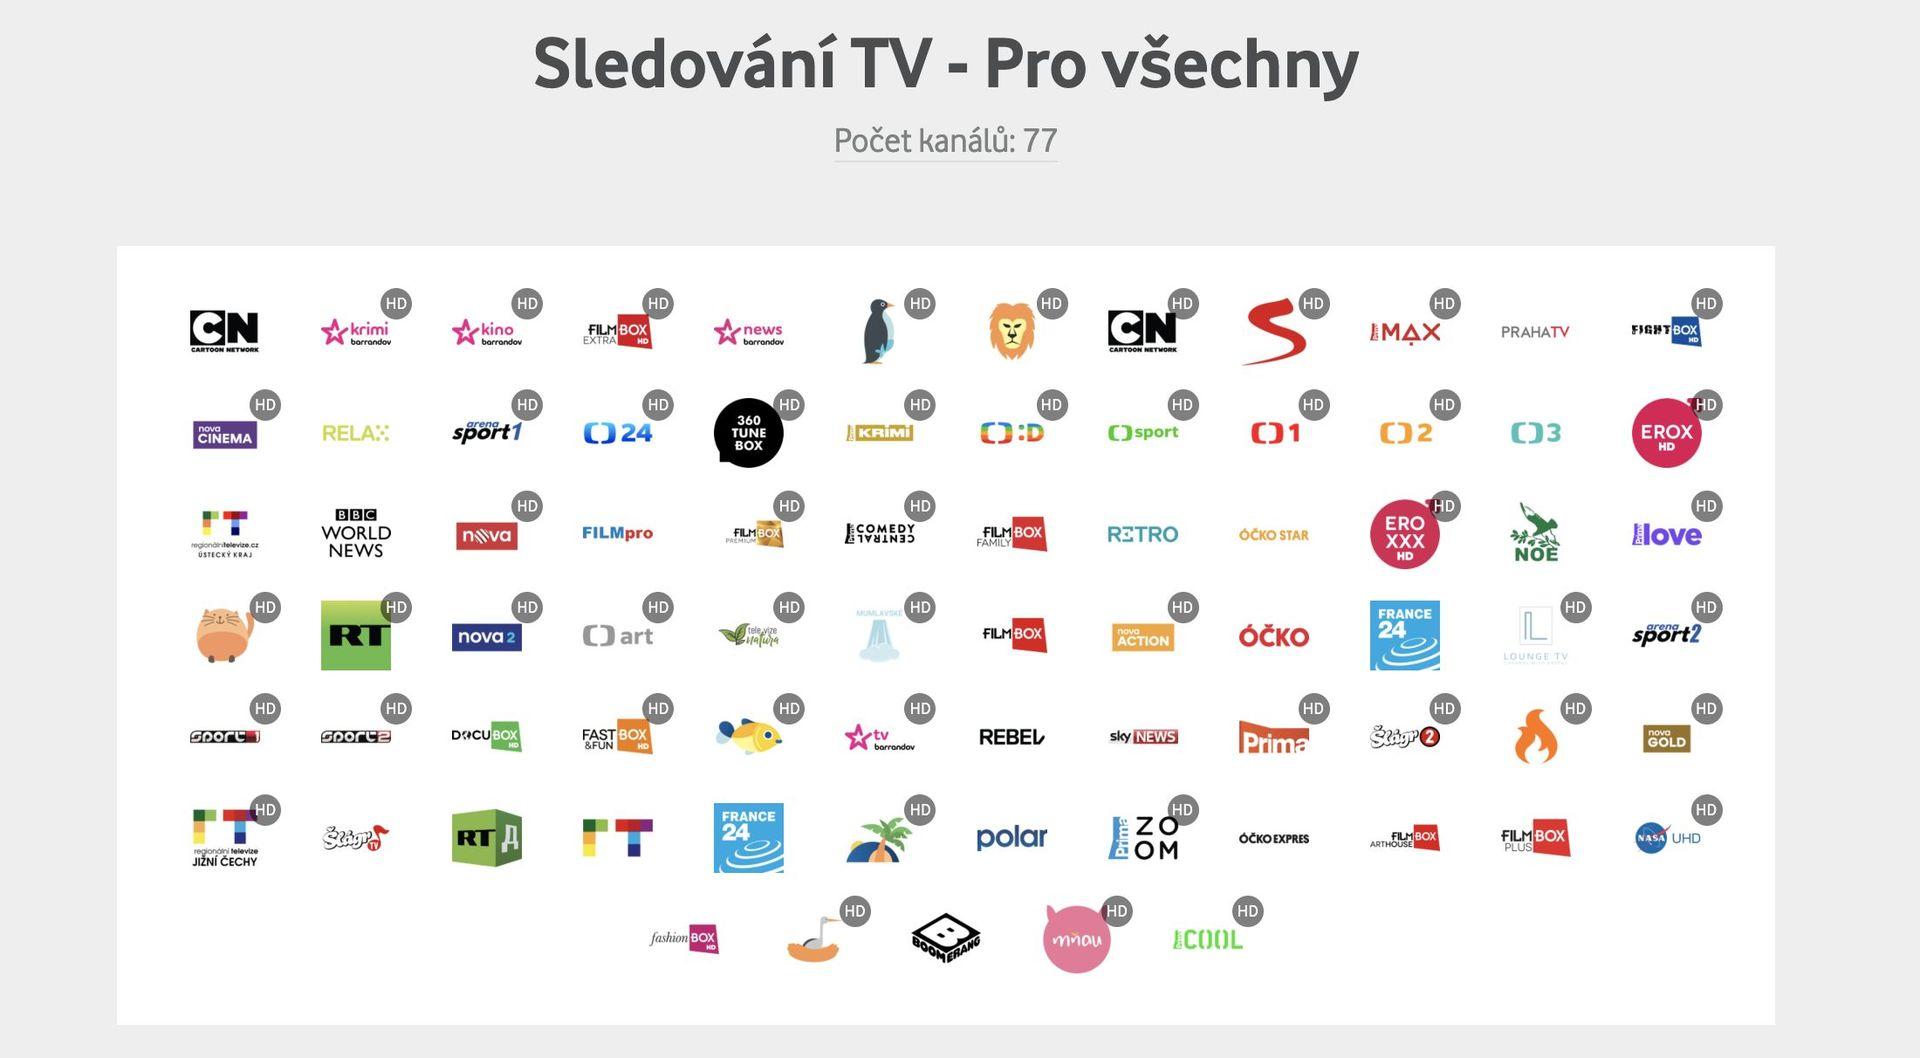 Vodafone Galerie - Sledování TV